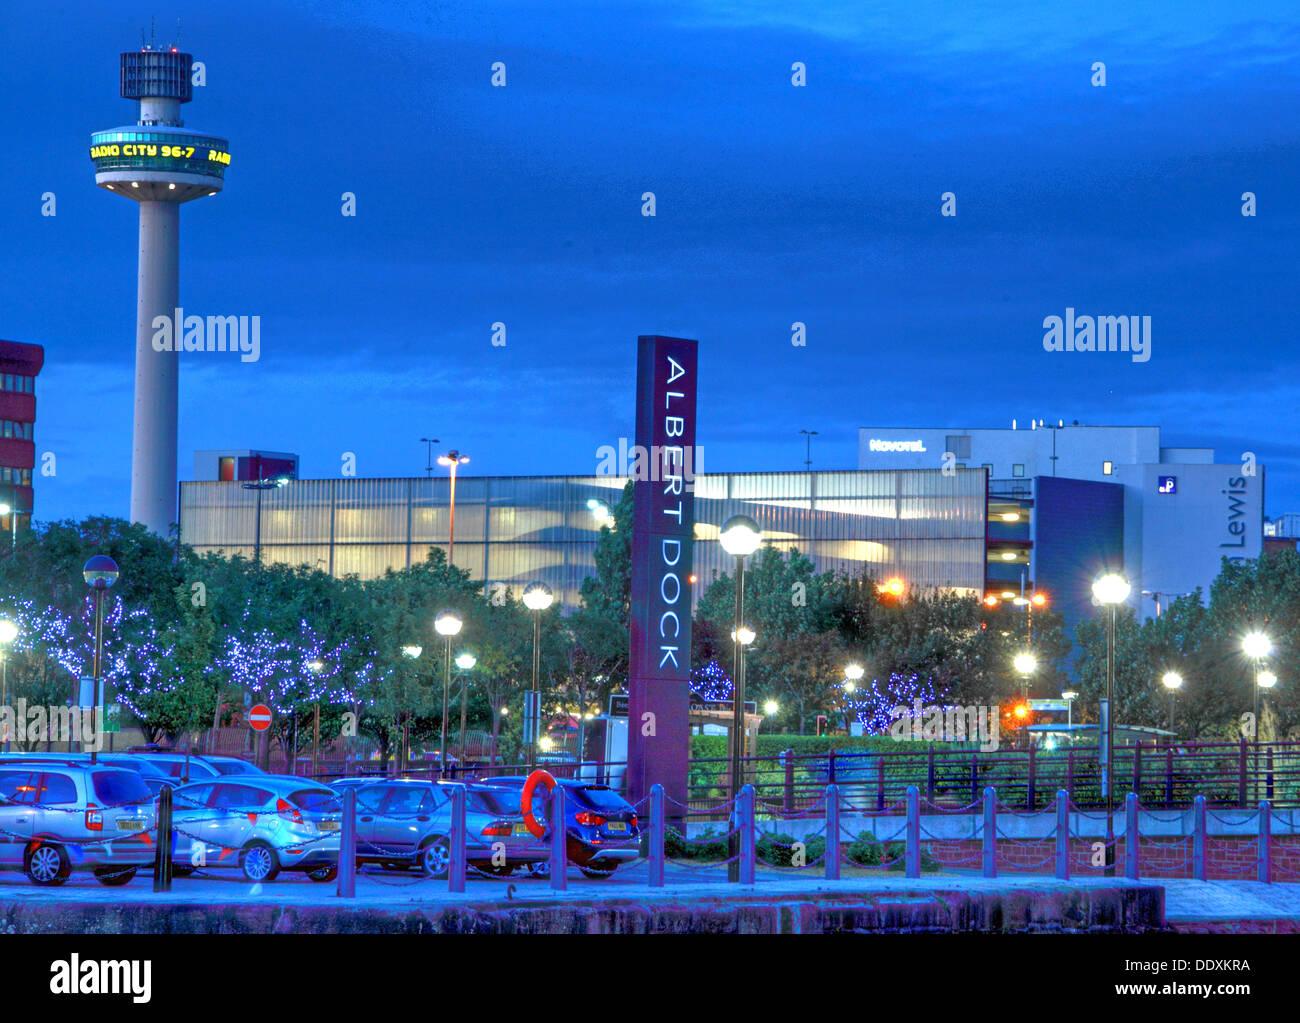 Laden Sie dieses Alamy Stockfoto Melden Sie Albert Dock, Liverpool in der Nacht, Merseyside, England, UK, die blaue Stunde - DDXKRA